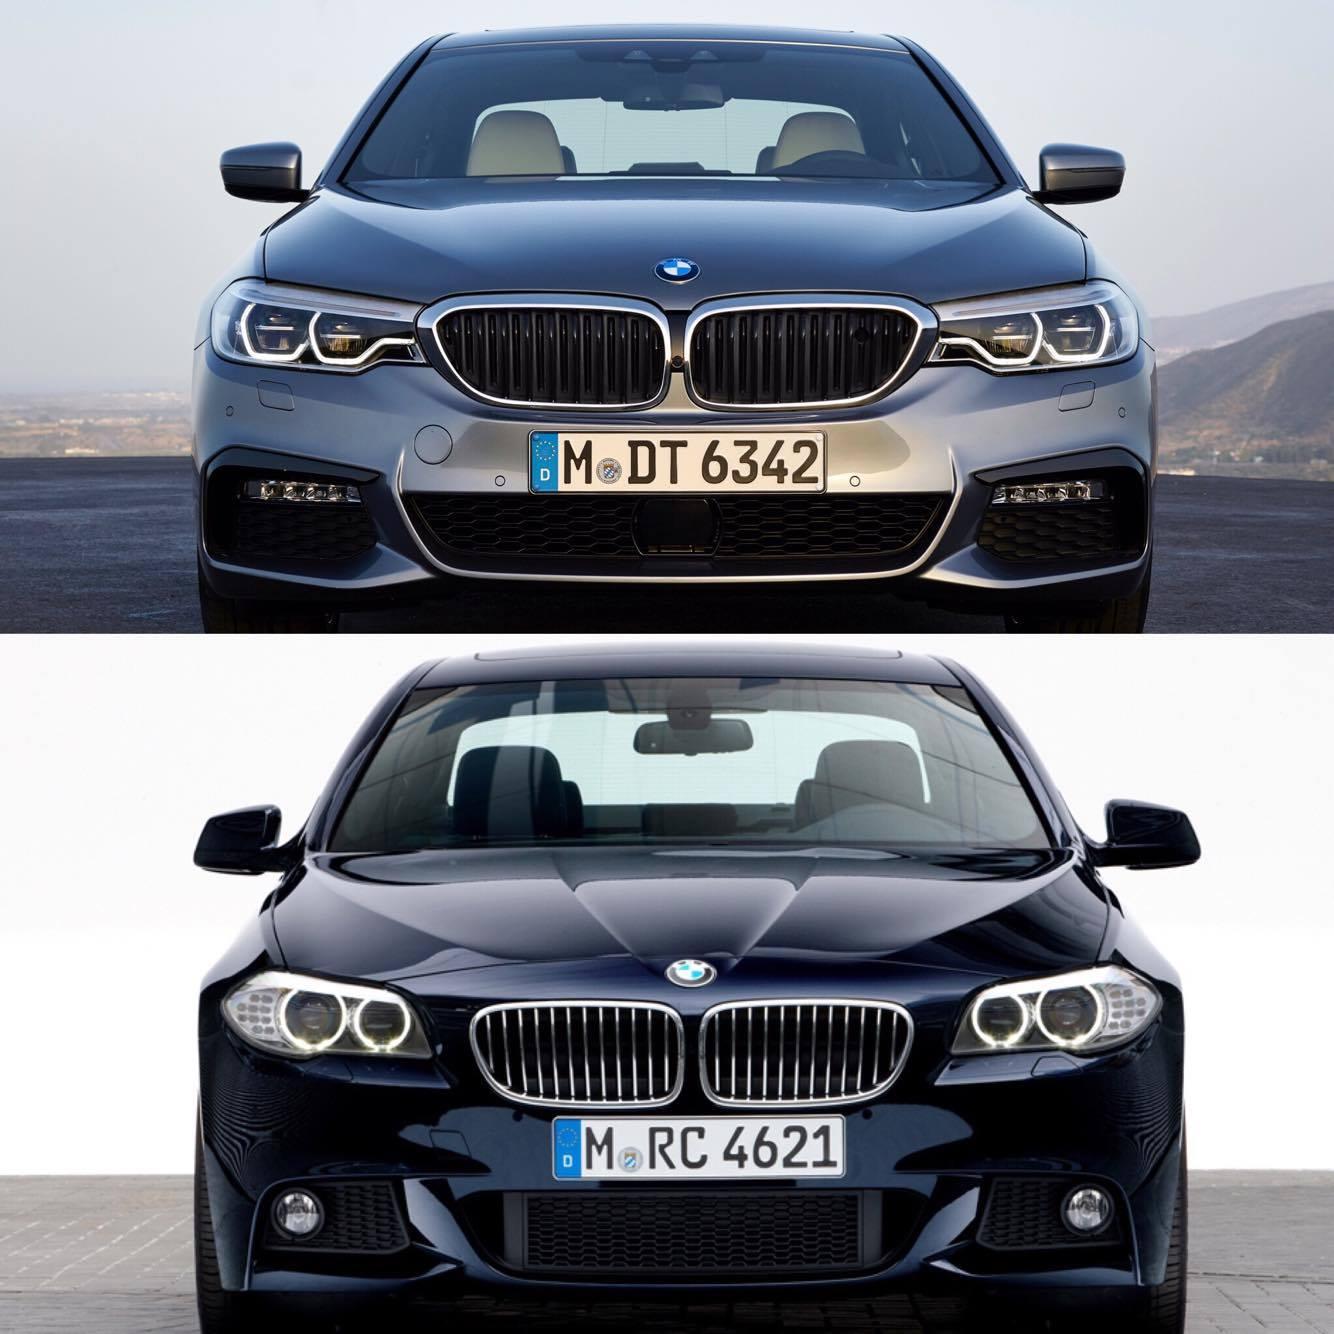 G30 5 Series vs F10 5 Series comparison 1